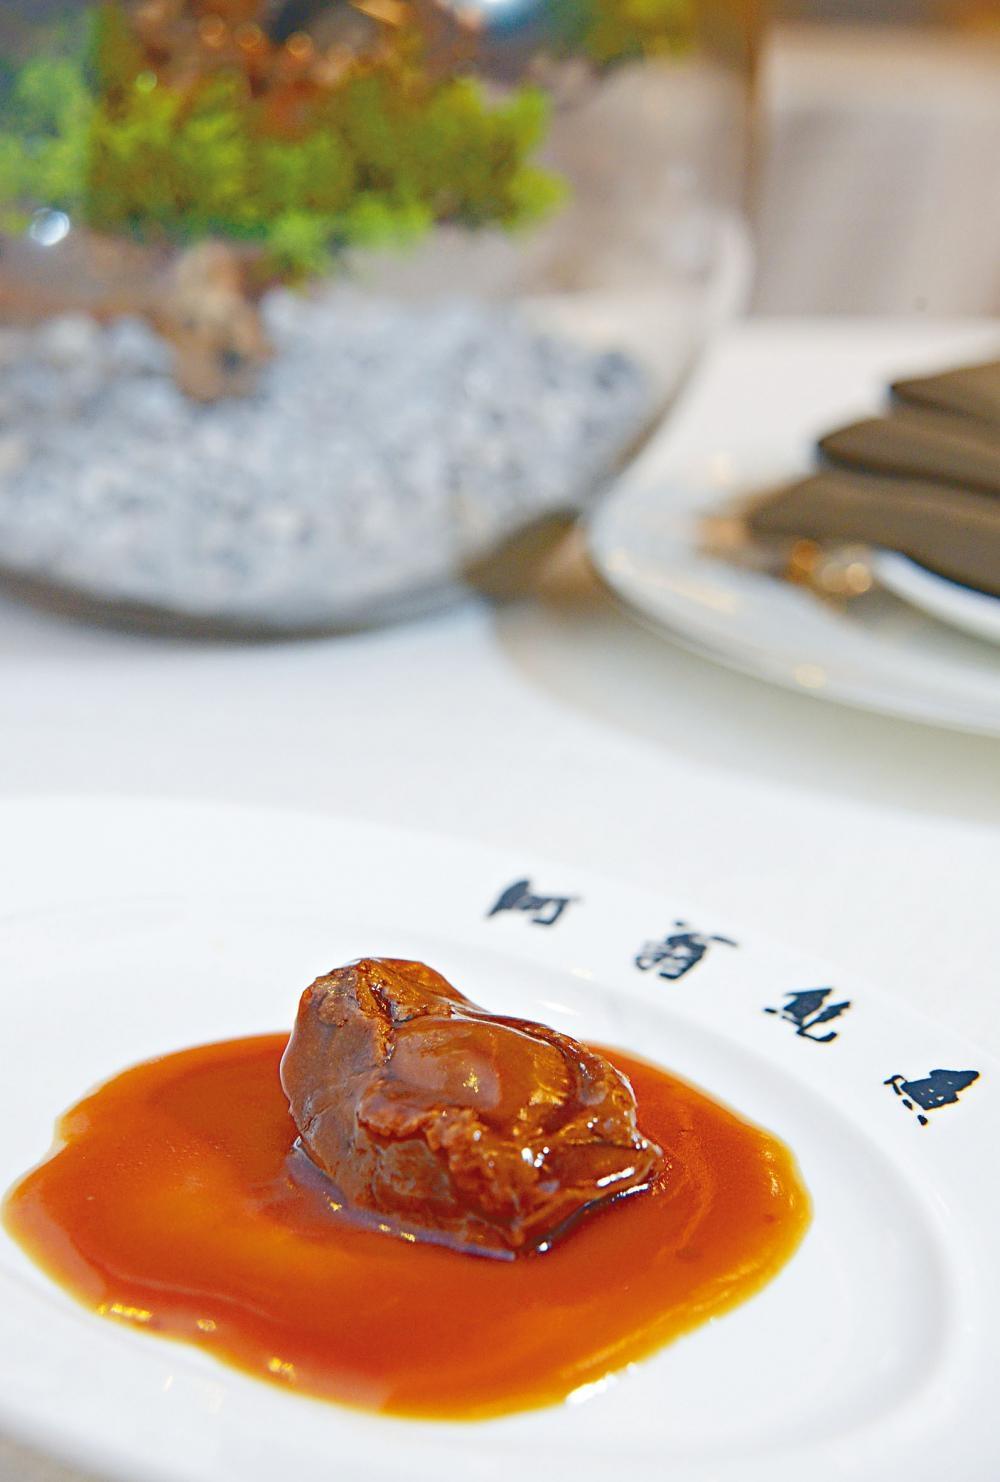 皇冠牌吉品鮑是鮑魚中極品,經三天烹煮後,味濃富嚼勁,是一道好菜。